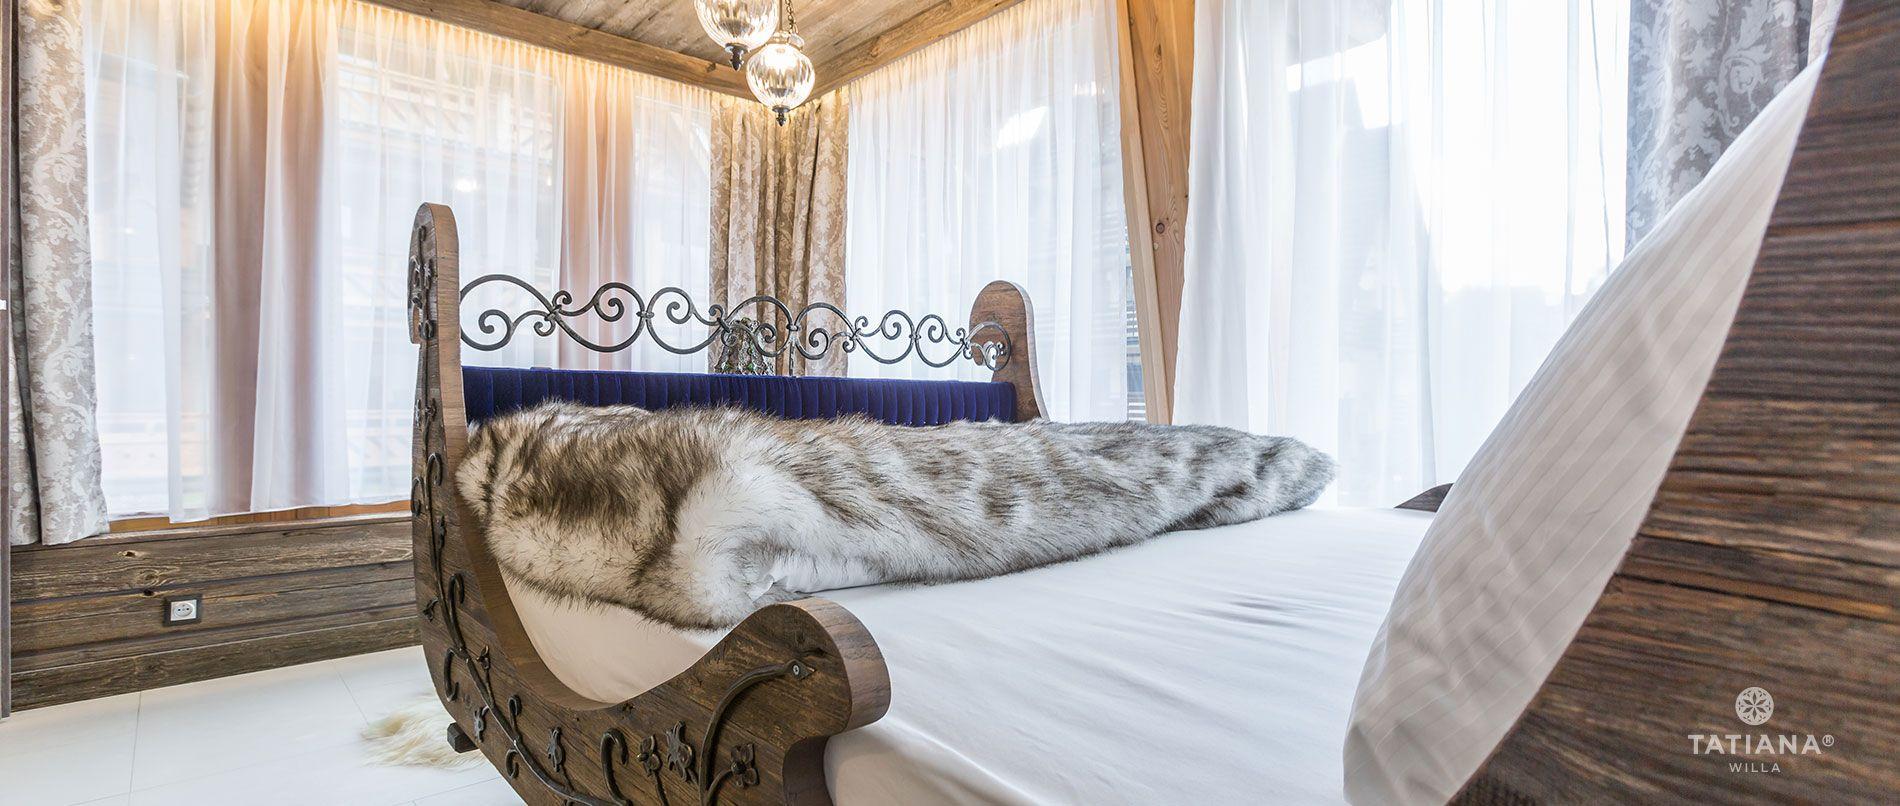 Apartament Syberyjski - łoże